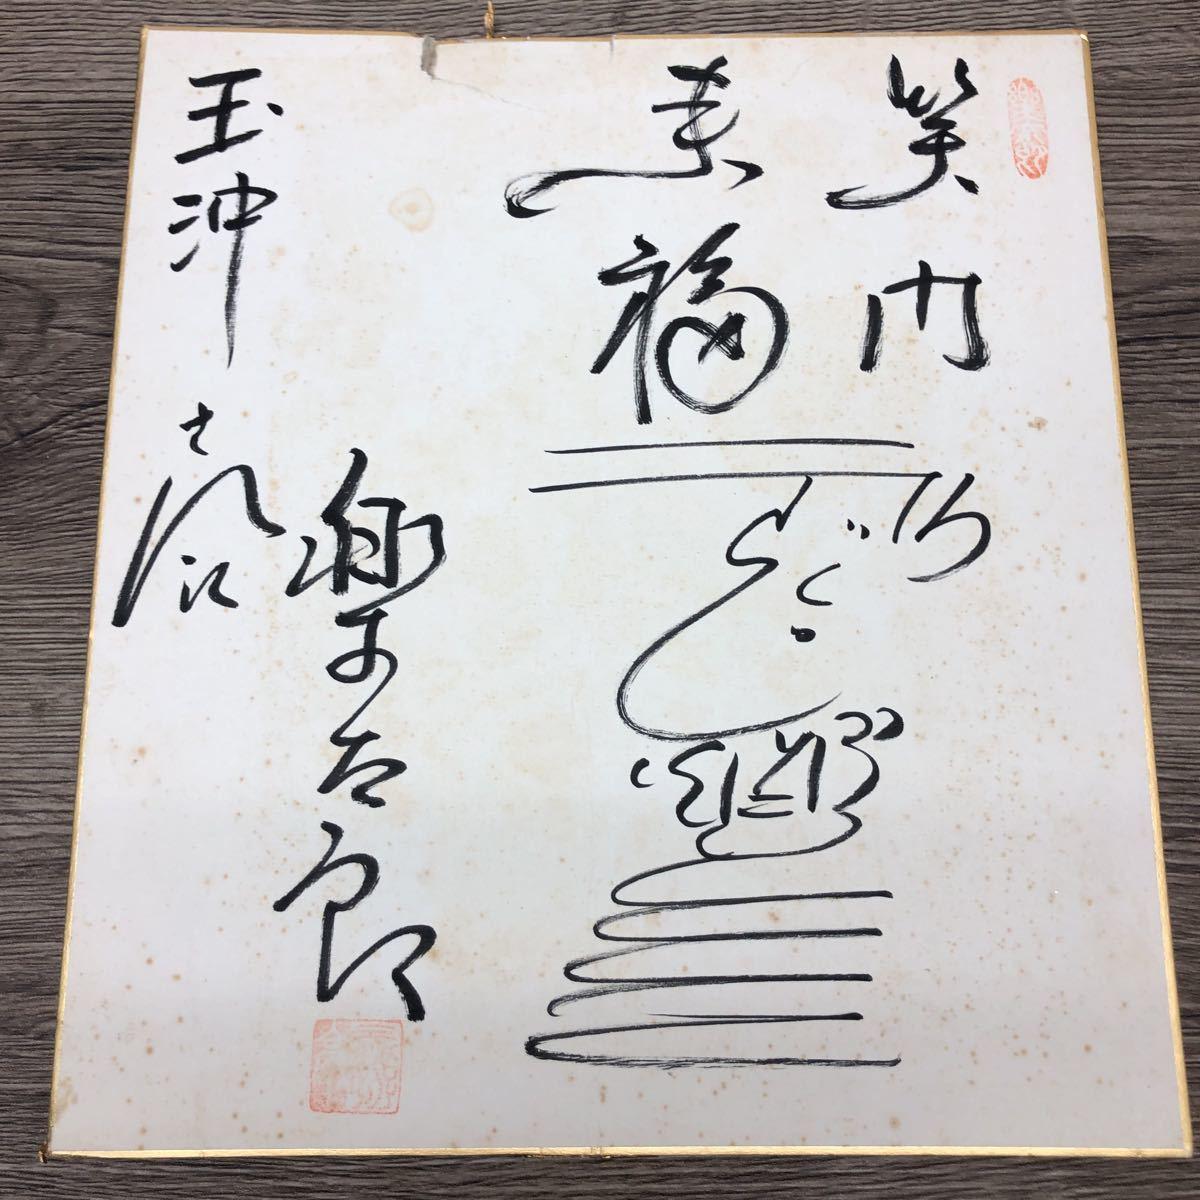 直筆サイン/薬師丸ひろ子/詳細不明/5枚【保管品】_画像5